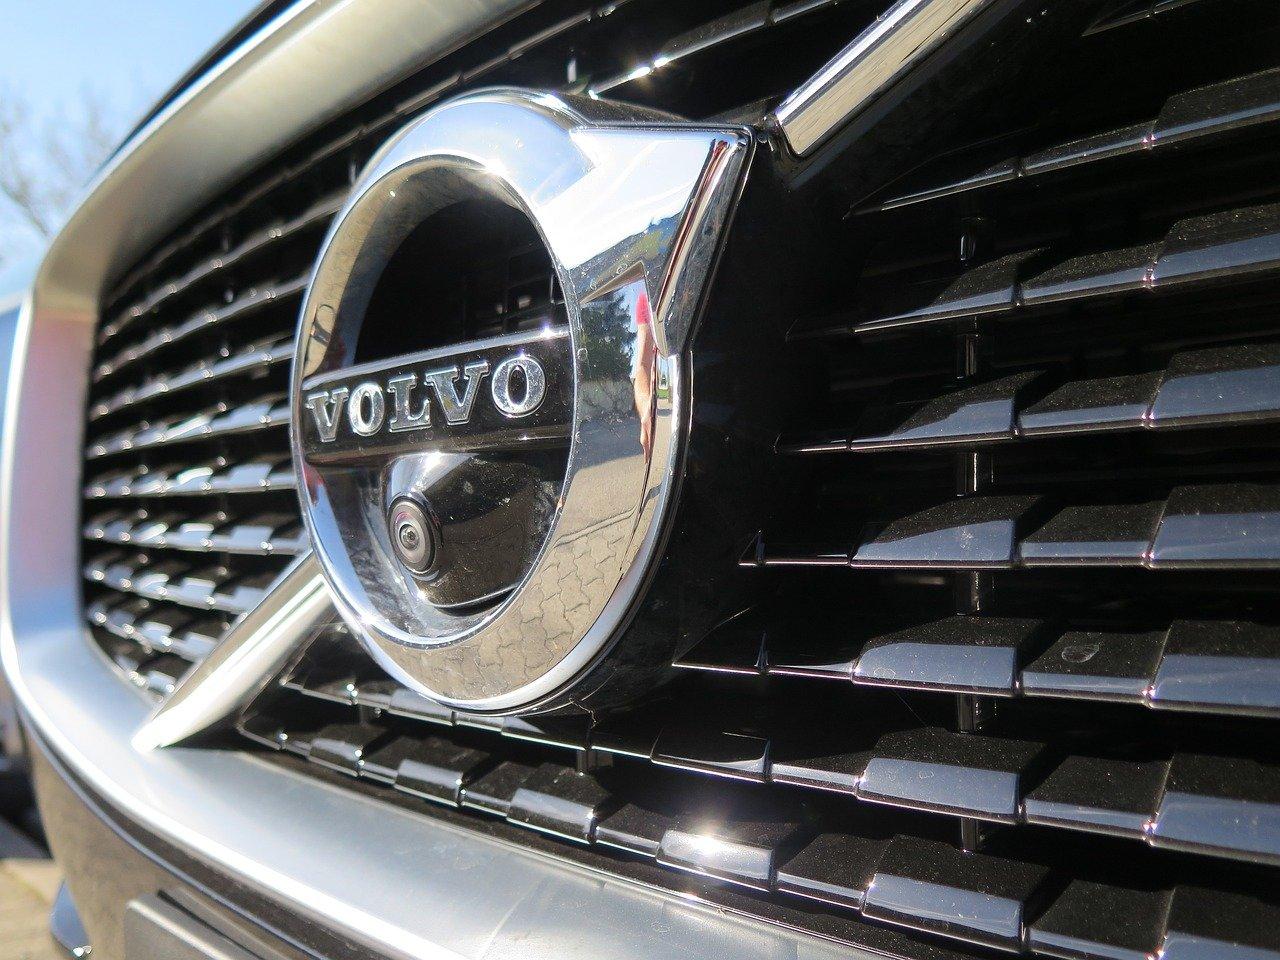 Volvo stahuje z trhu přes 200 tisíc osobních vozů - anotační obrázek